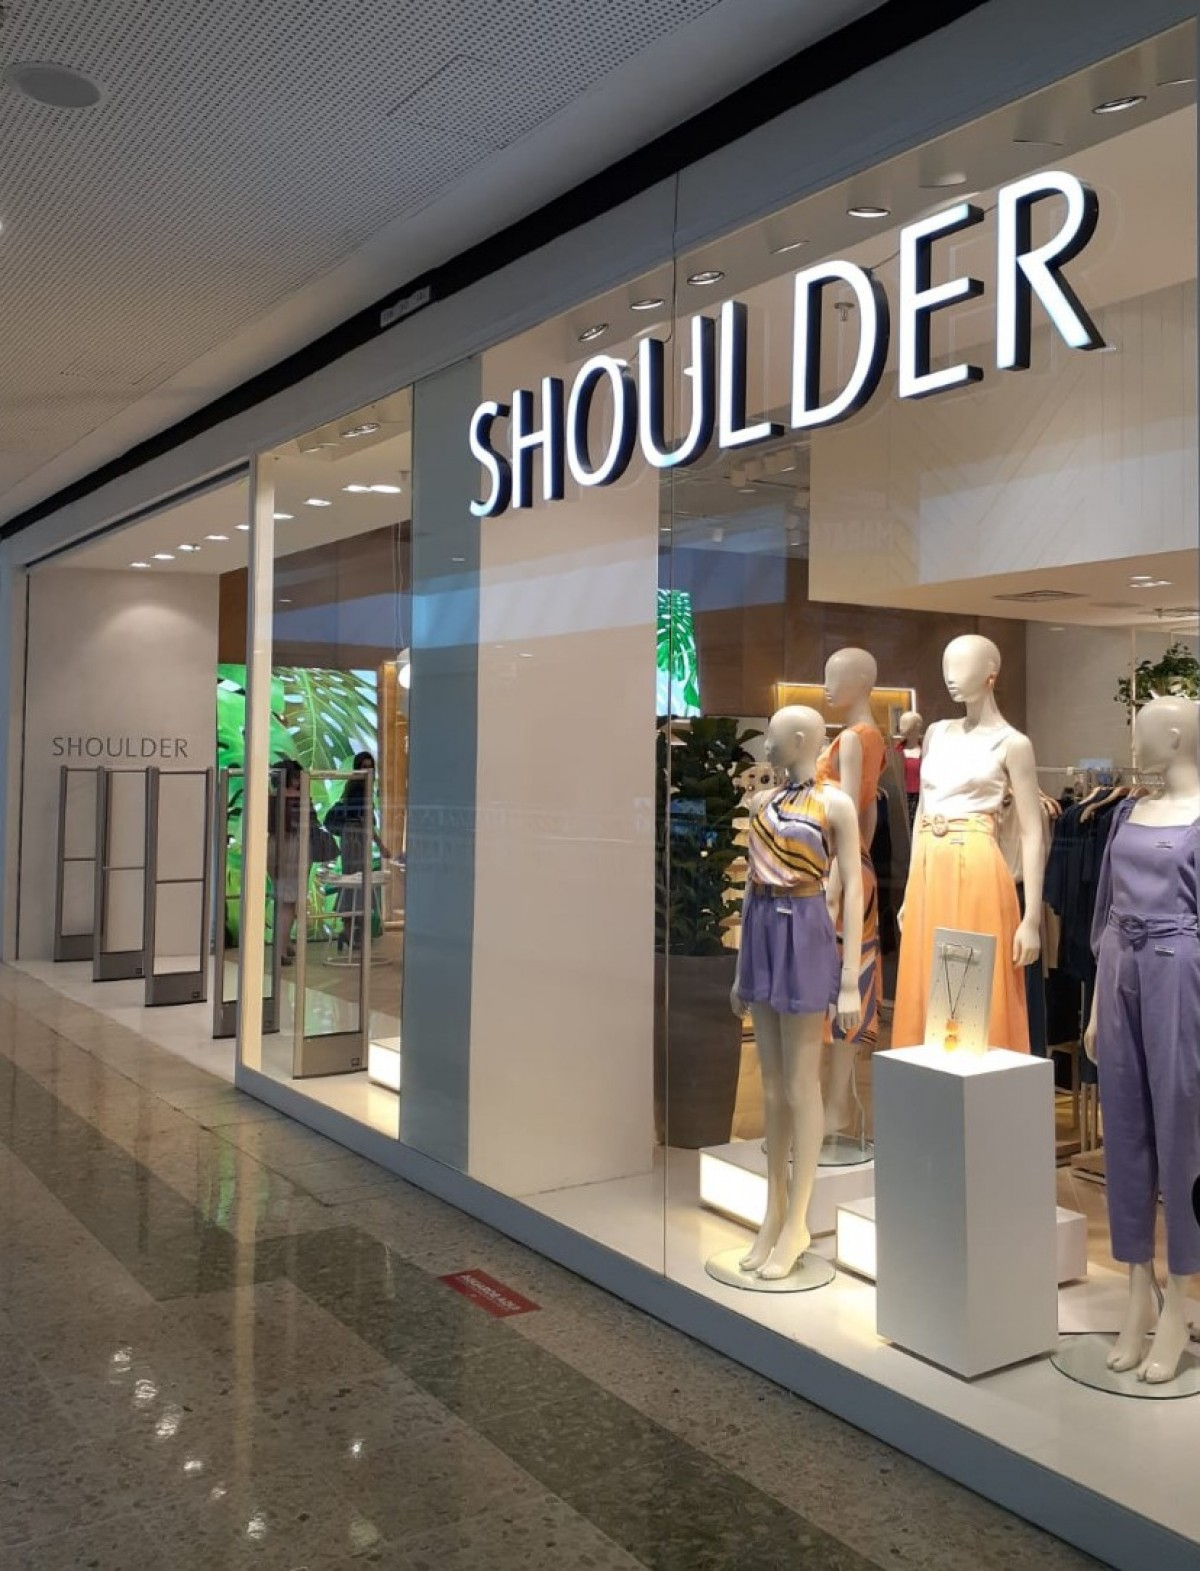 Shoulder inaugura sua primeira loja em Aracaju (Foto: Divulgação)